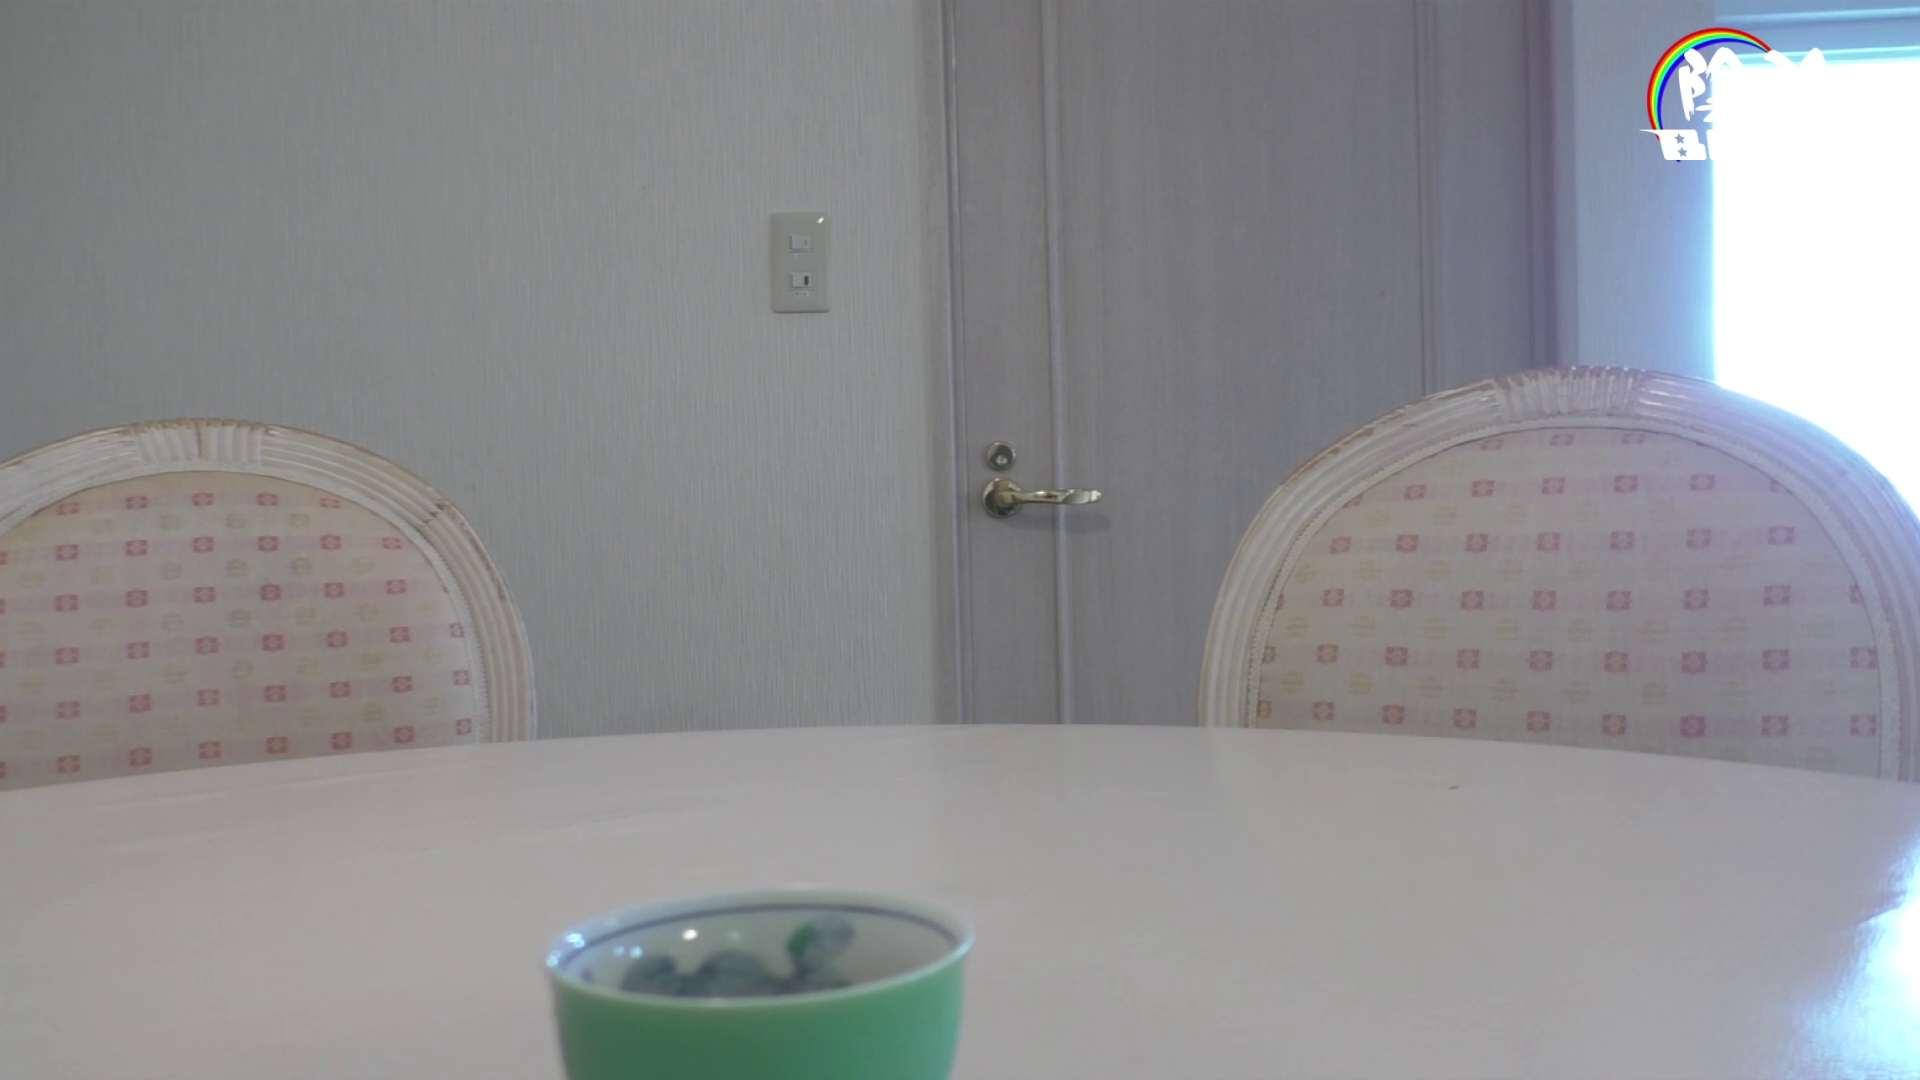 アナルで営業ワン・ツー・ スリーpart2 Vol.1 お風呂 | お尻の穴 ゲイAV画像 62pic 27